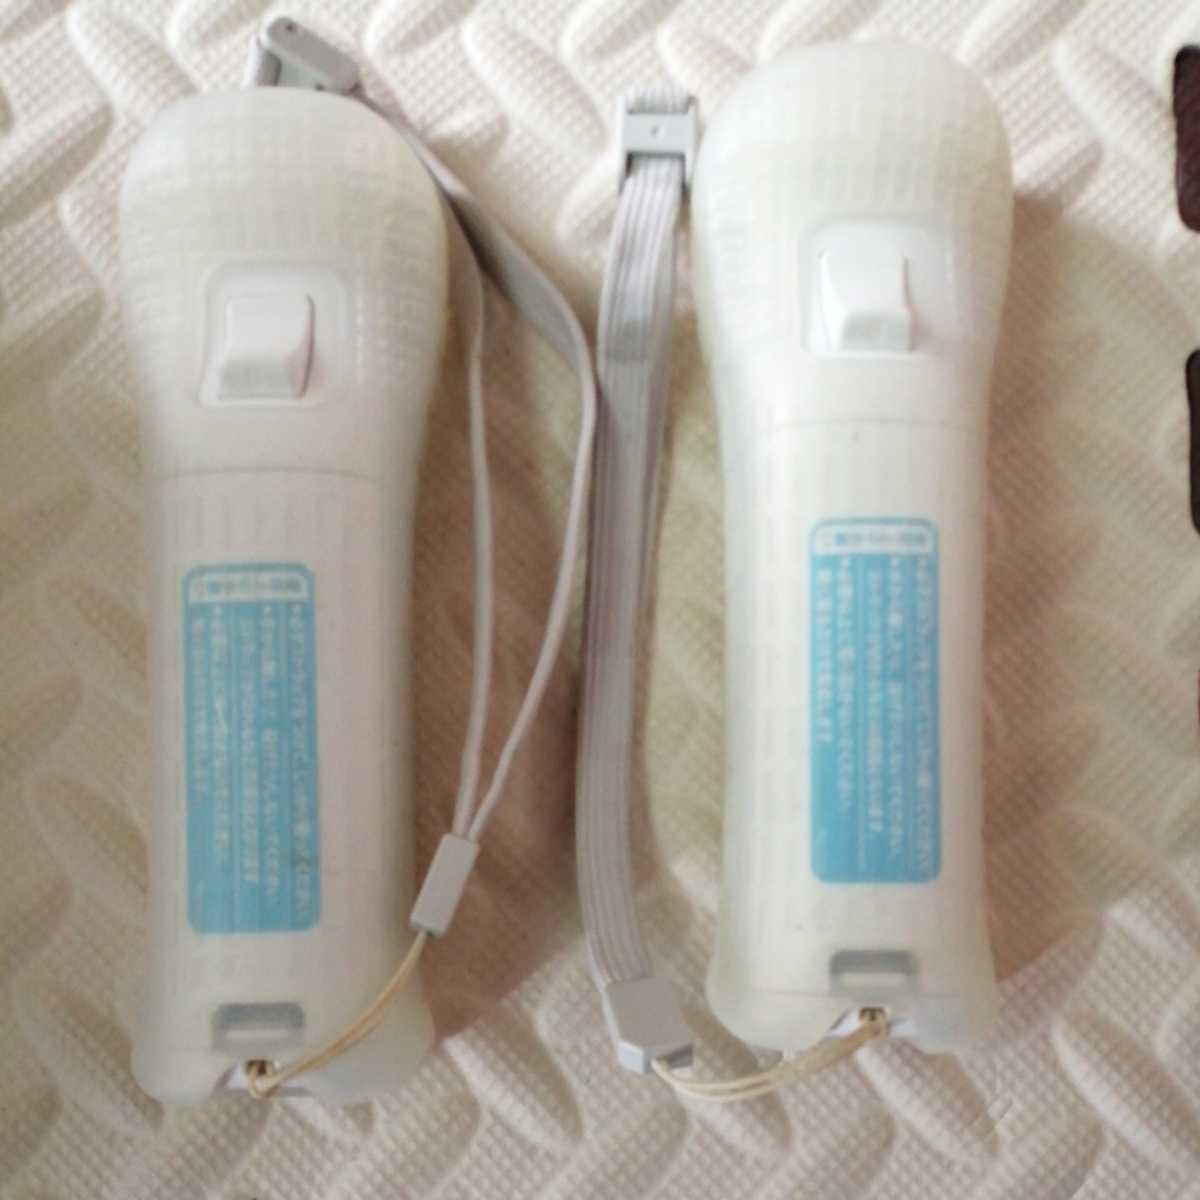 ニンテンドーWiiリモコン シリコンジャケット付き2個セット  白 送料無料 動作確認済